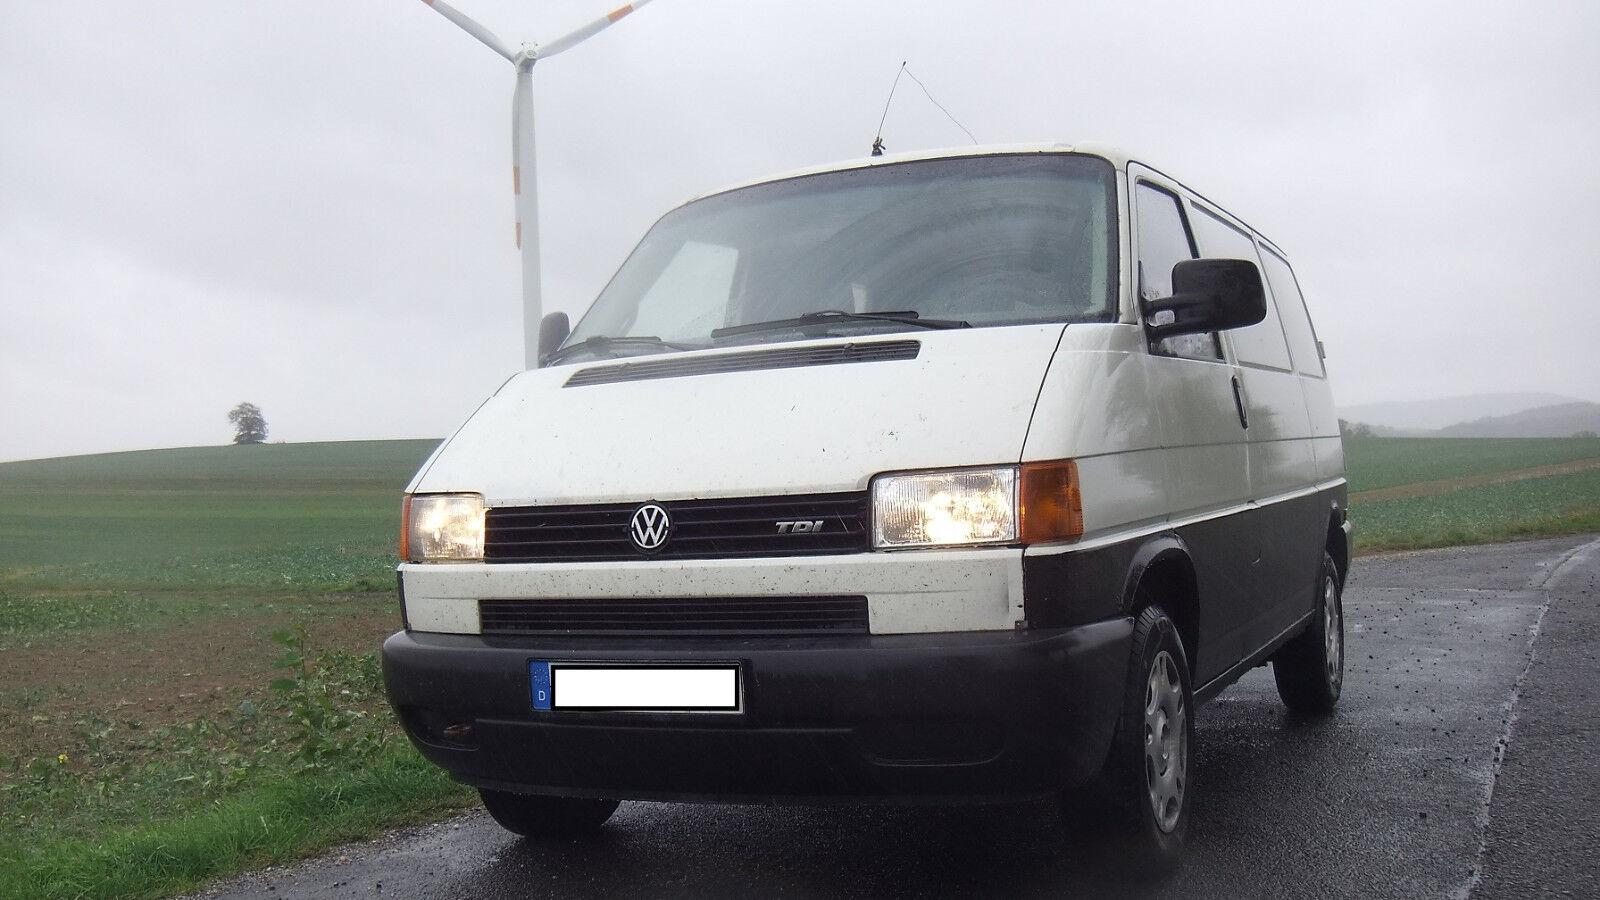 VW T4 Transporter 2,5 TDI nur 161 Euro Steuer da LKW-Zulassung